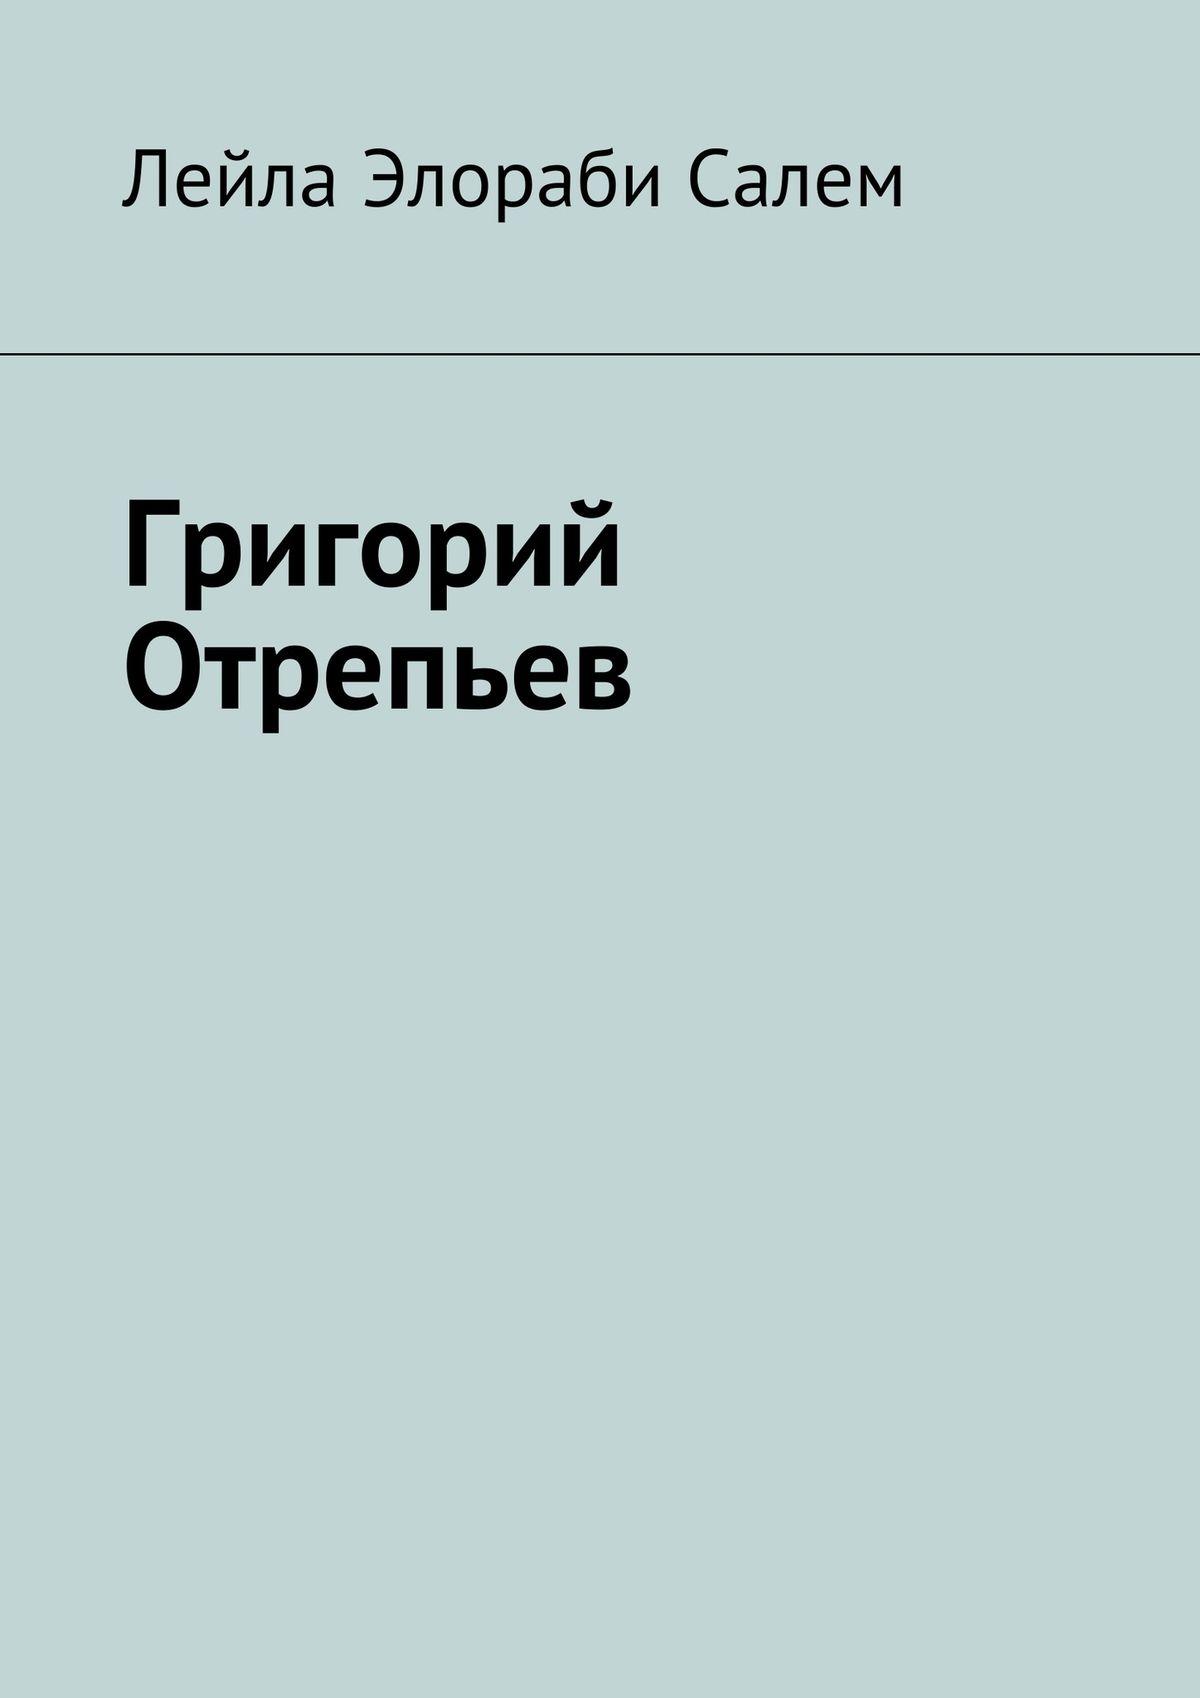 Лейла Элораби Салем Григорий Отрепьев бакланов григорий яковлевич июль 41 года навеки девятнадцатилетние